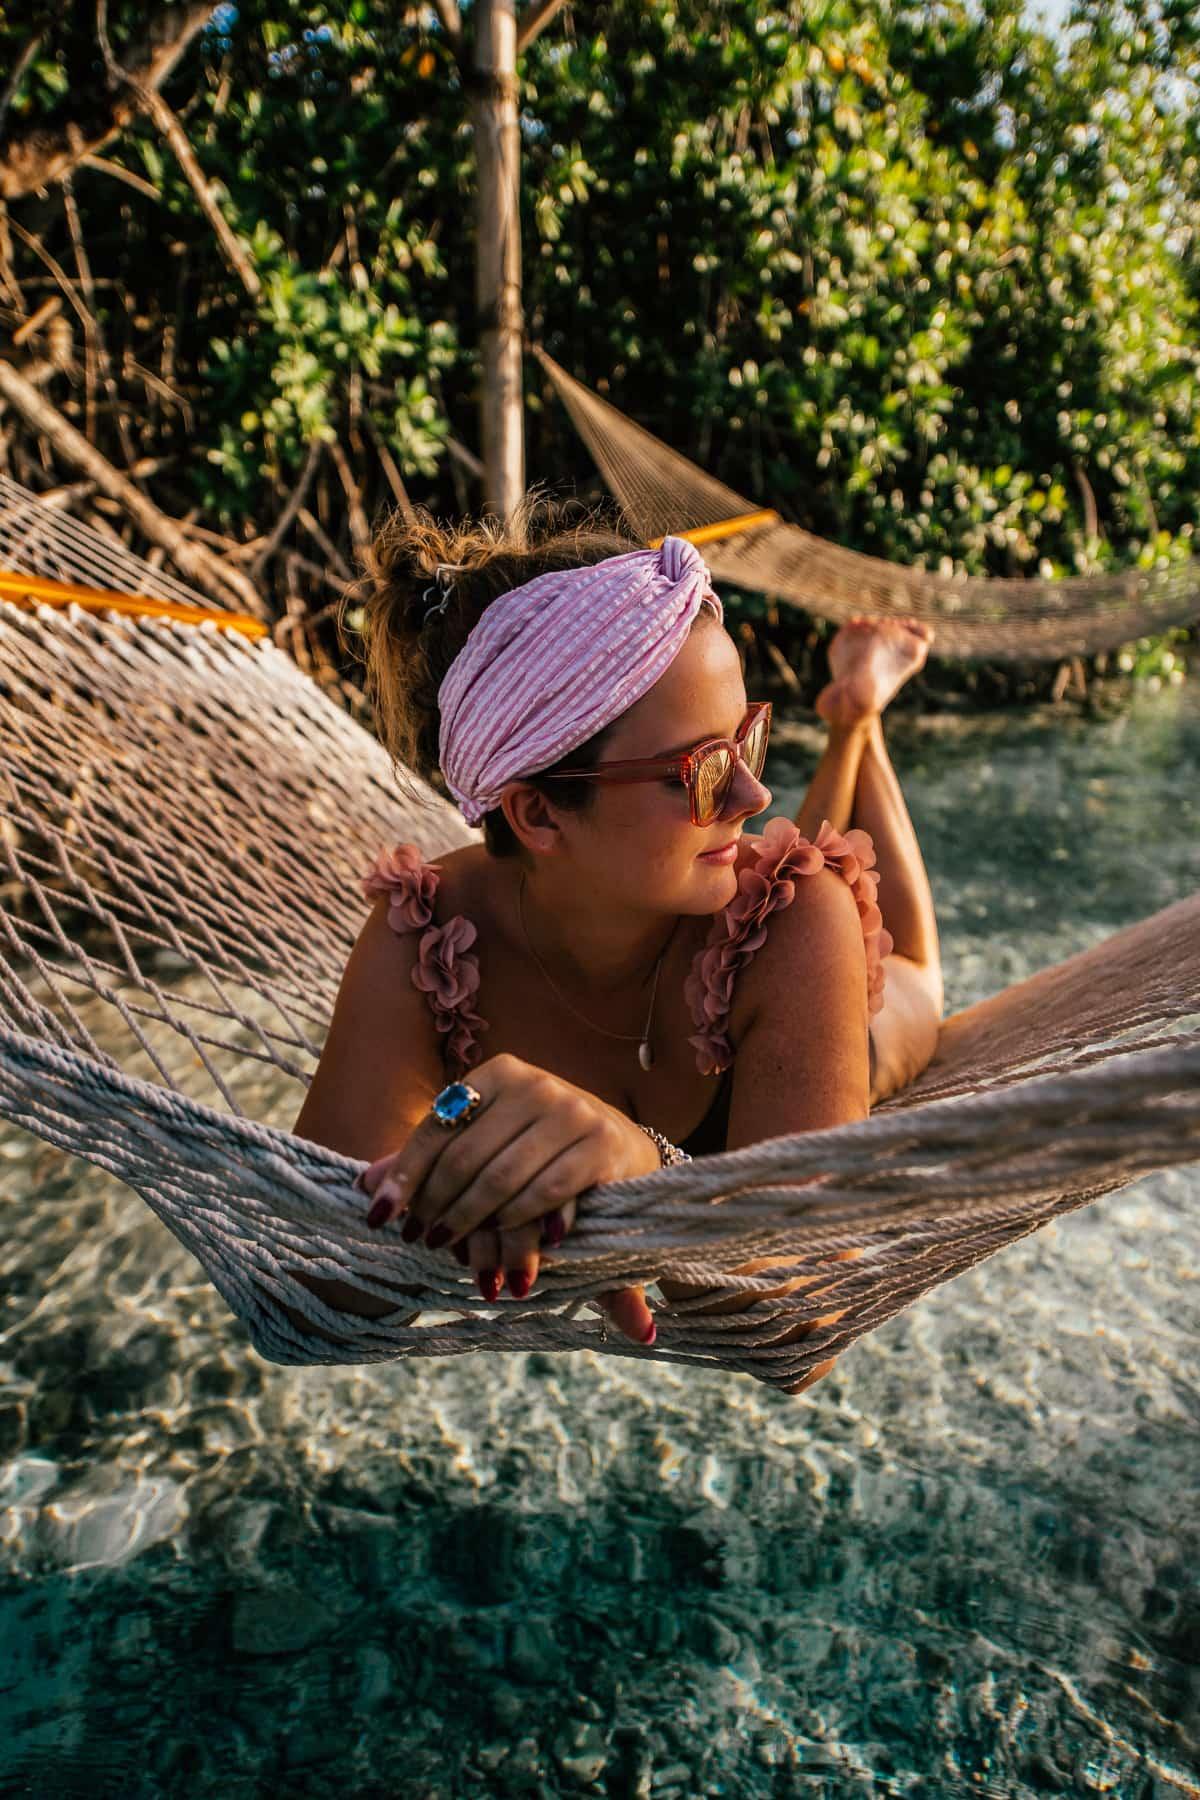 Die fünf schönsten Strände auf Aruba - Karibische Traumstrände auf der ABC-Insel